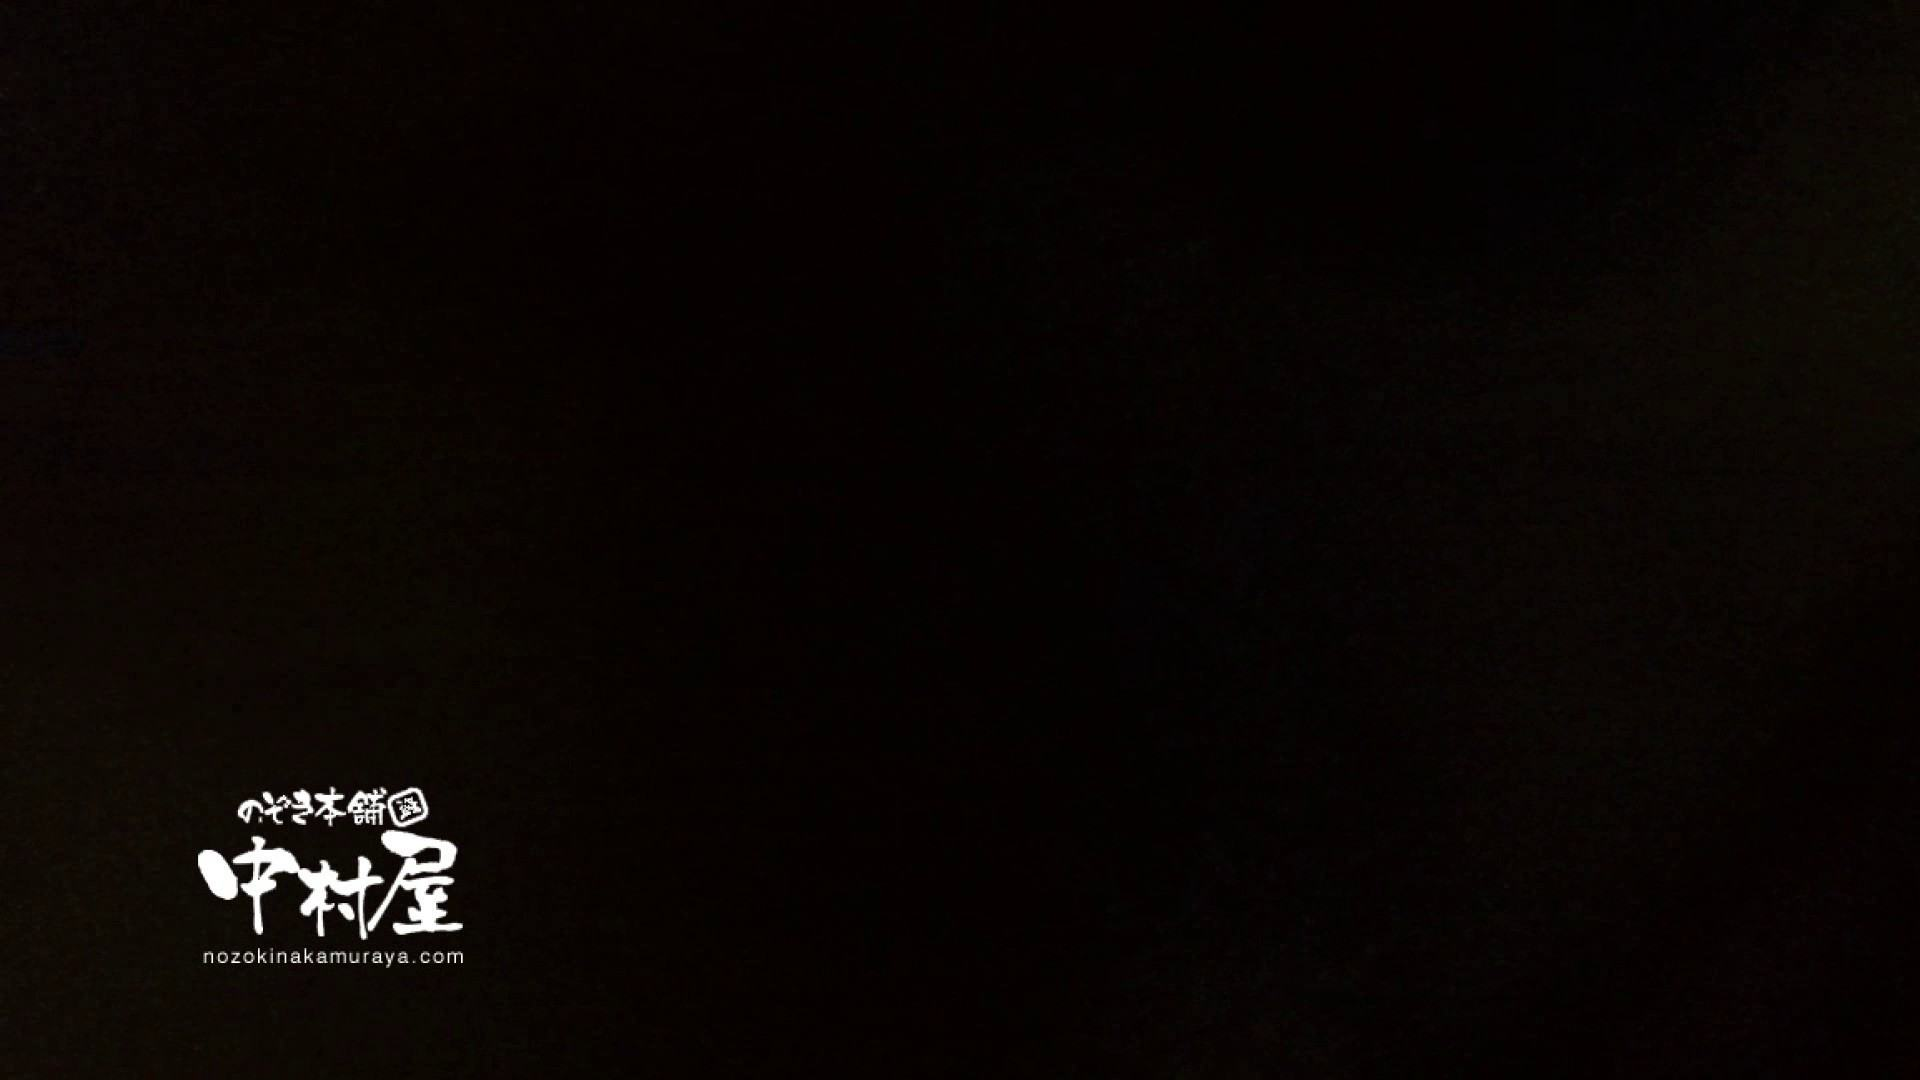 鬼畜 vol.10 あぁ無情…中出しパイパン! 後編 鬼畜 覗き性交動画流出 106画像 46